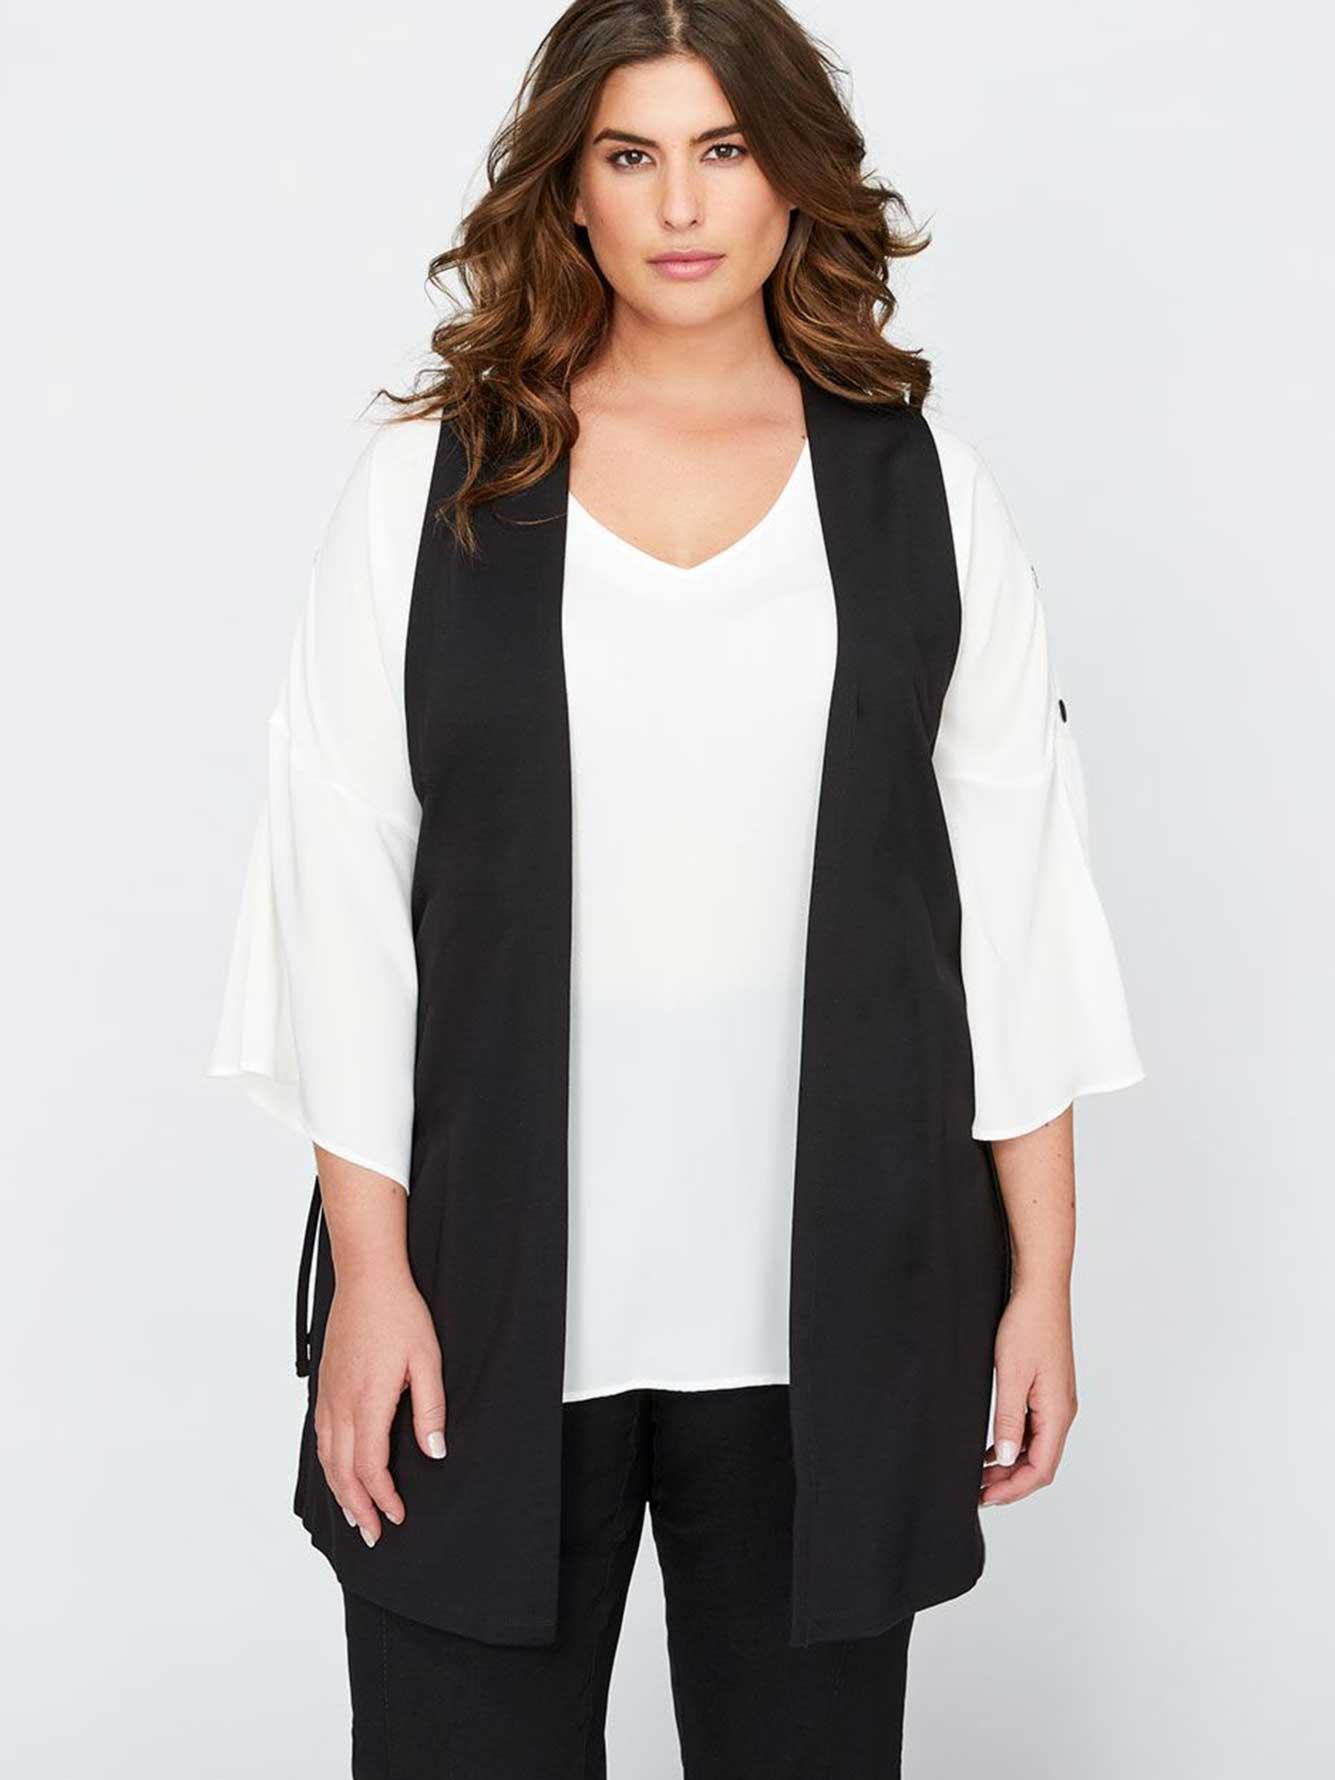 Grande sélection de cardigans et vestes pour femmes. Commandez vos coups de coeur mode en ligne dès maintenant.